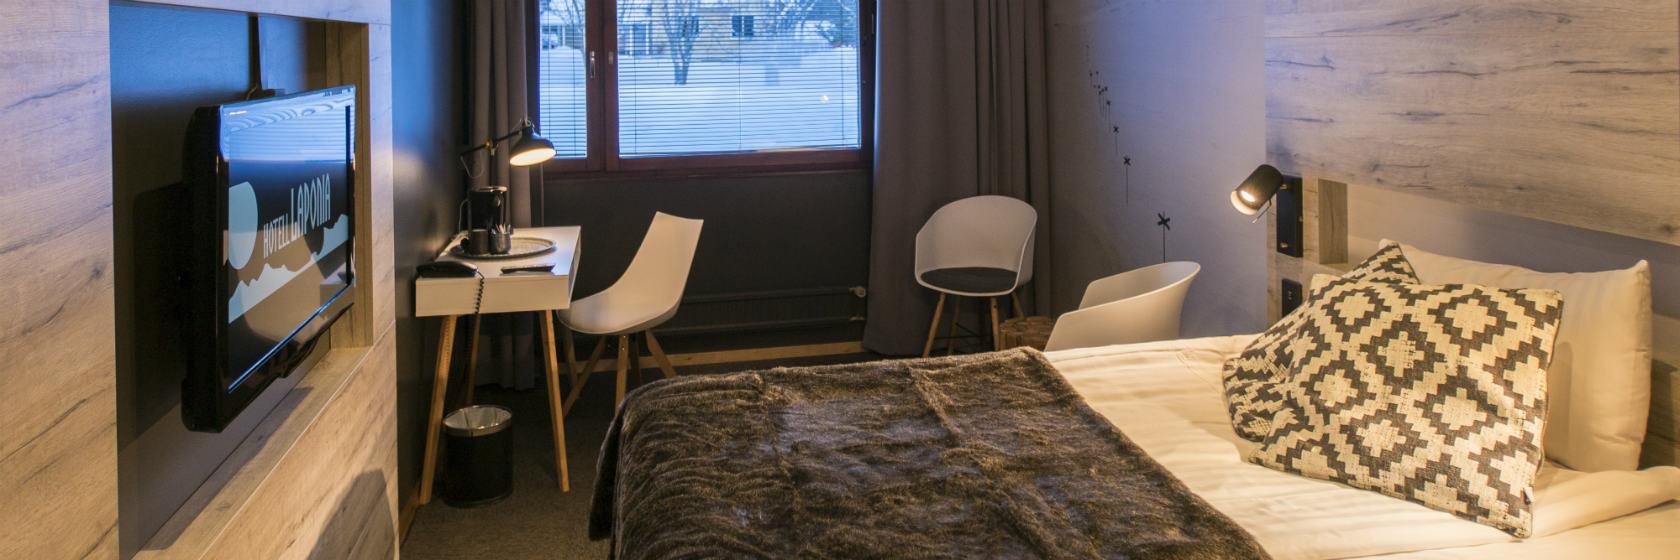 Insidan av ett rum på hotell Laponia i Arvidsjaur